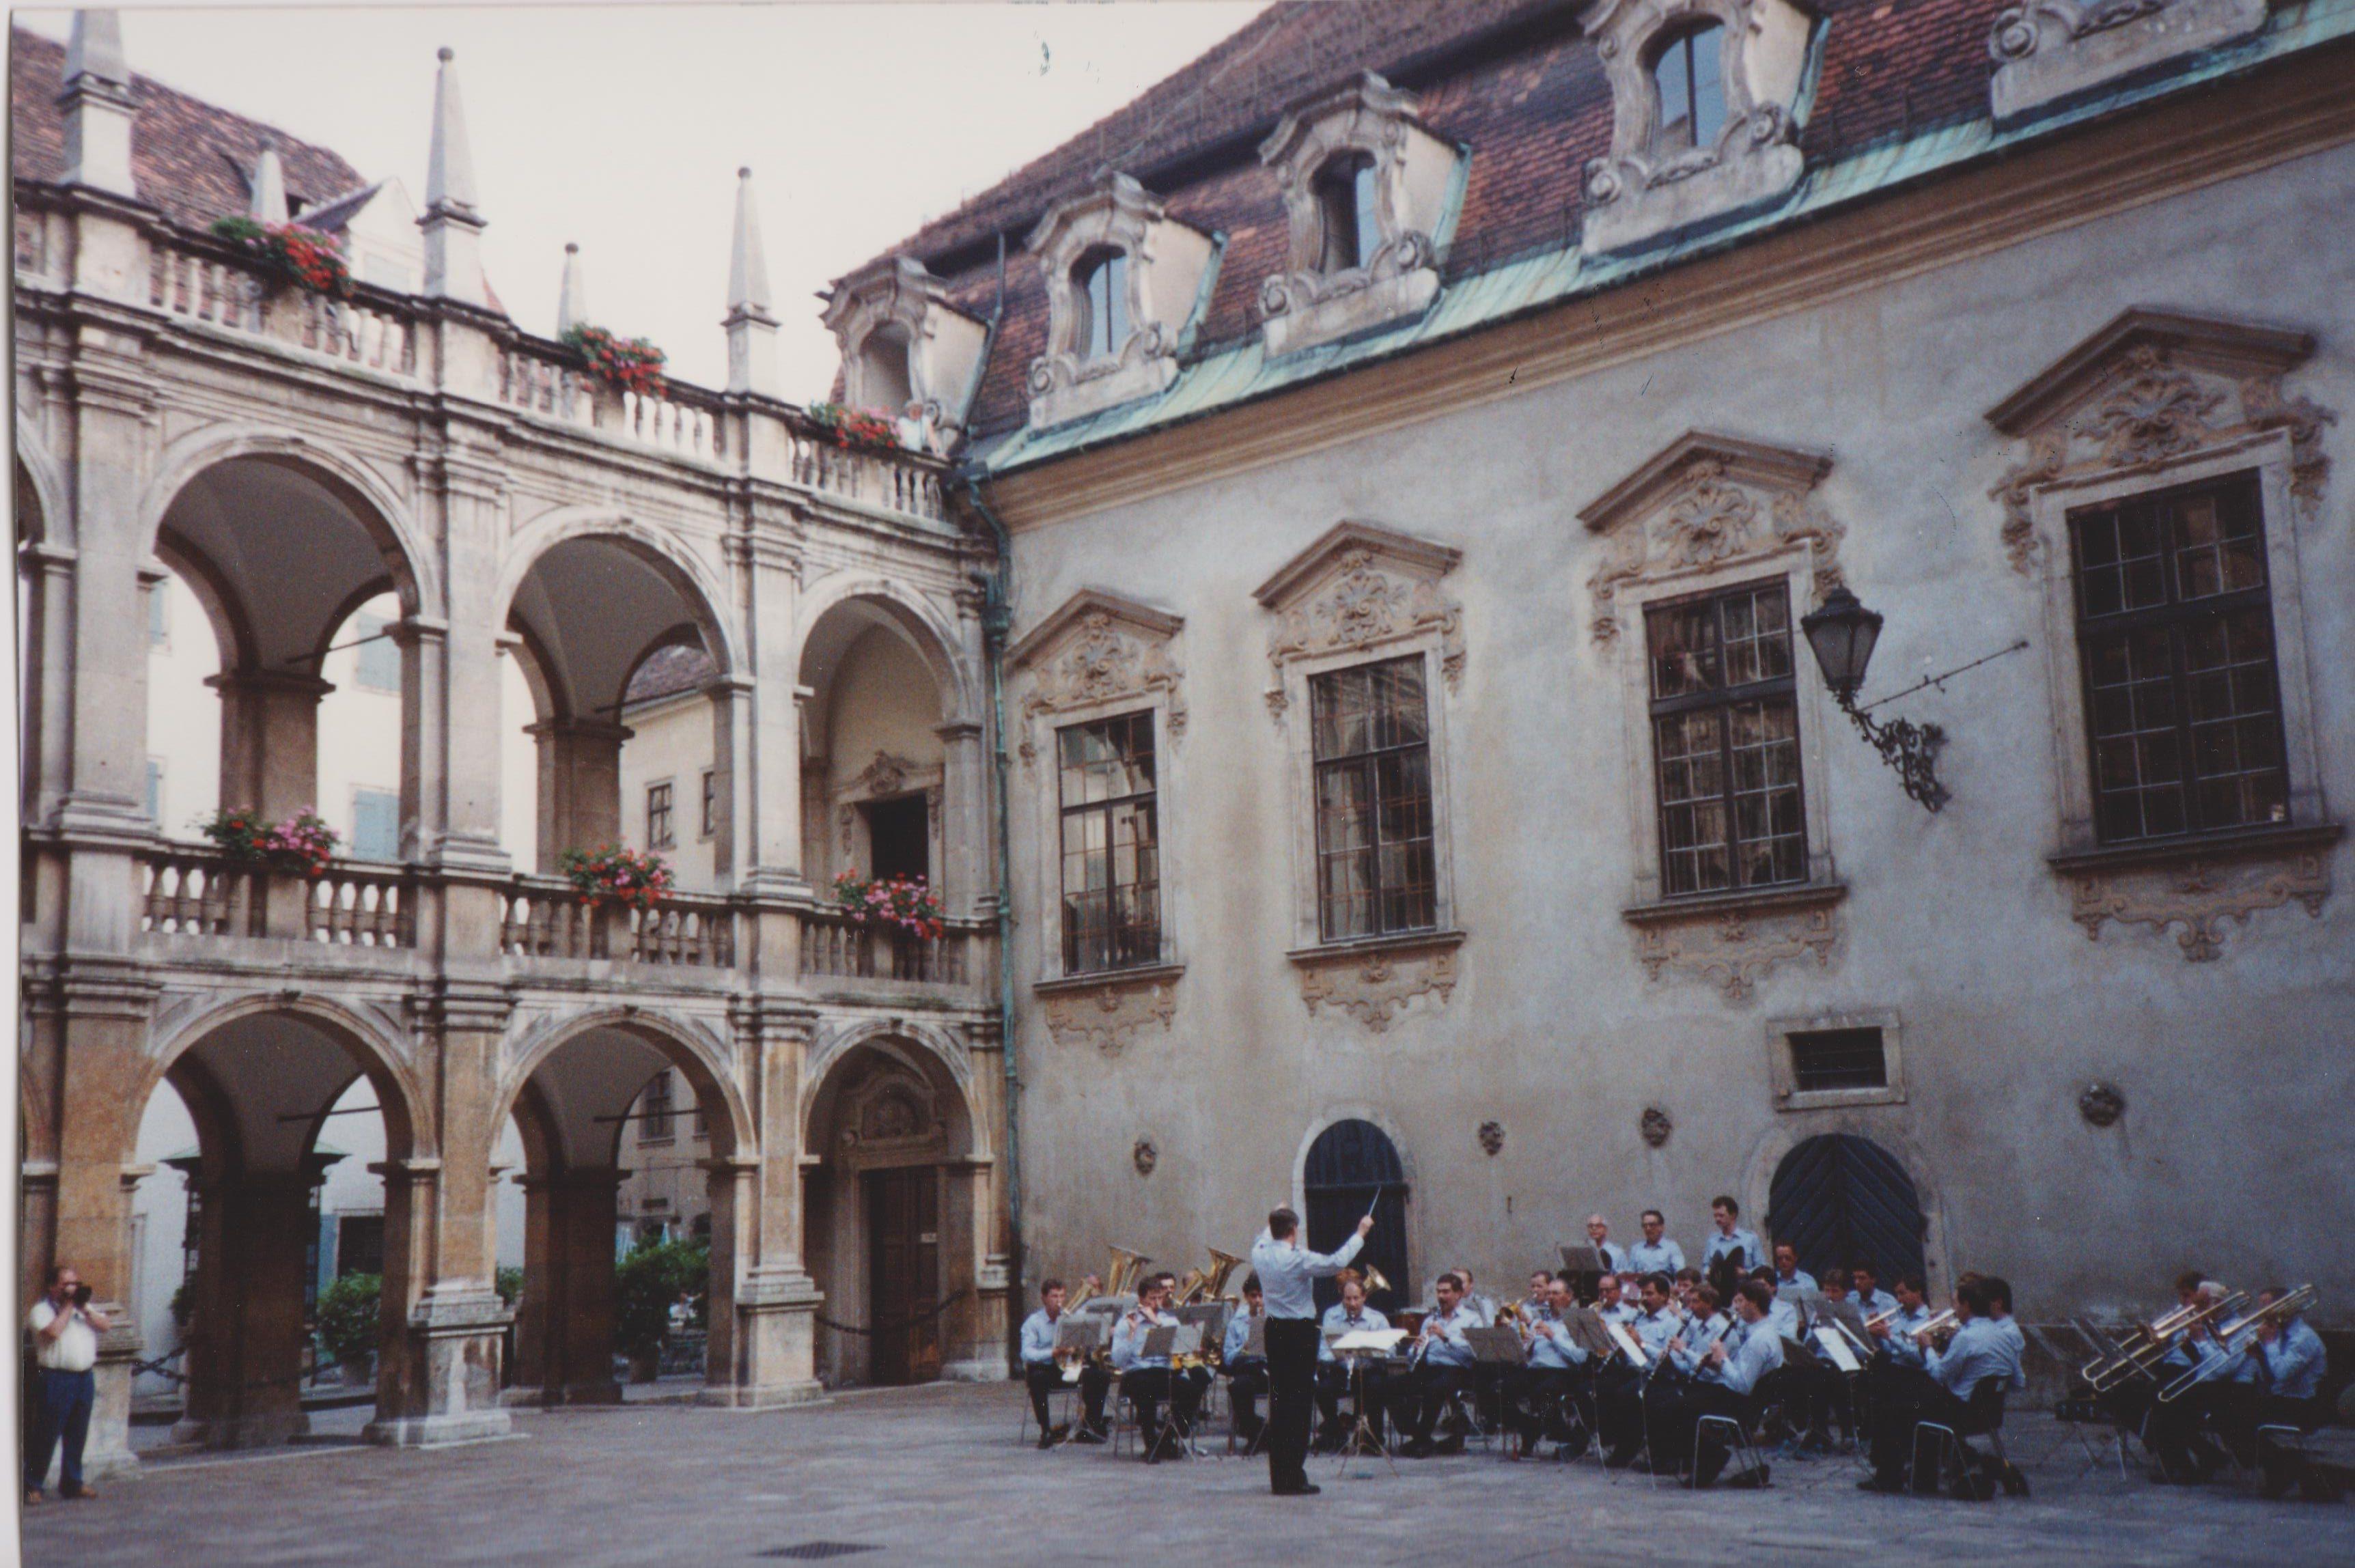 Graz Landhaus courtyard